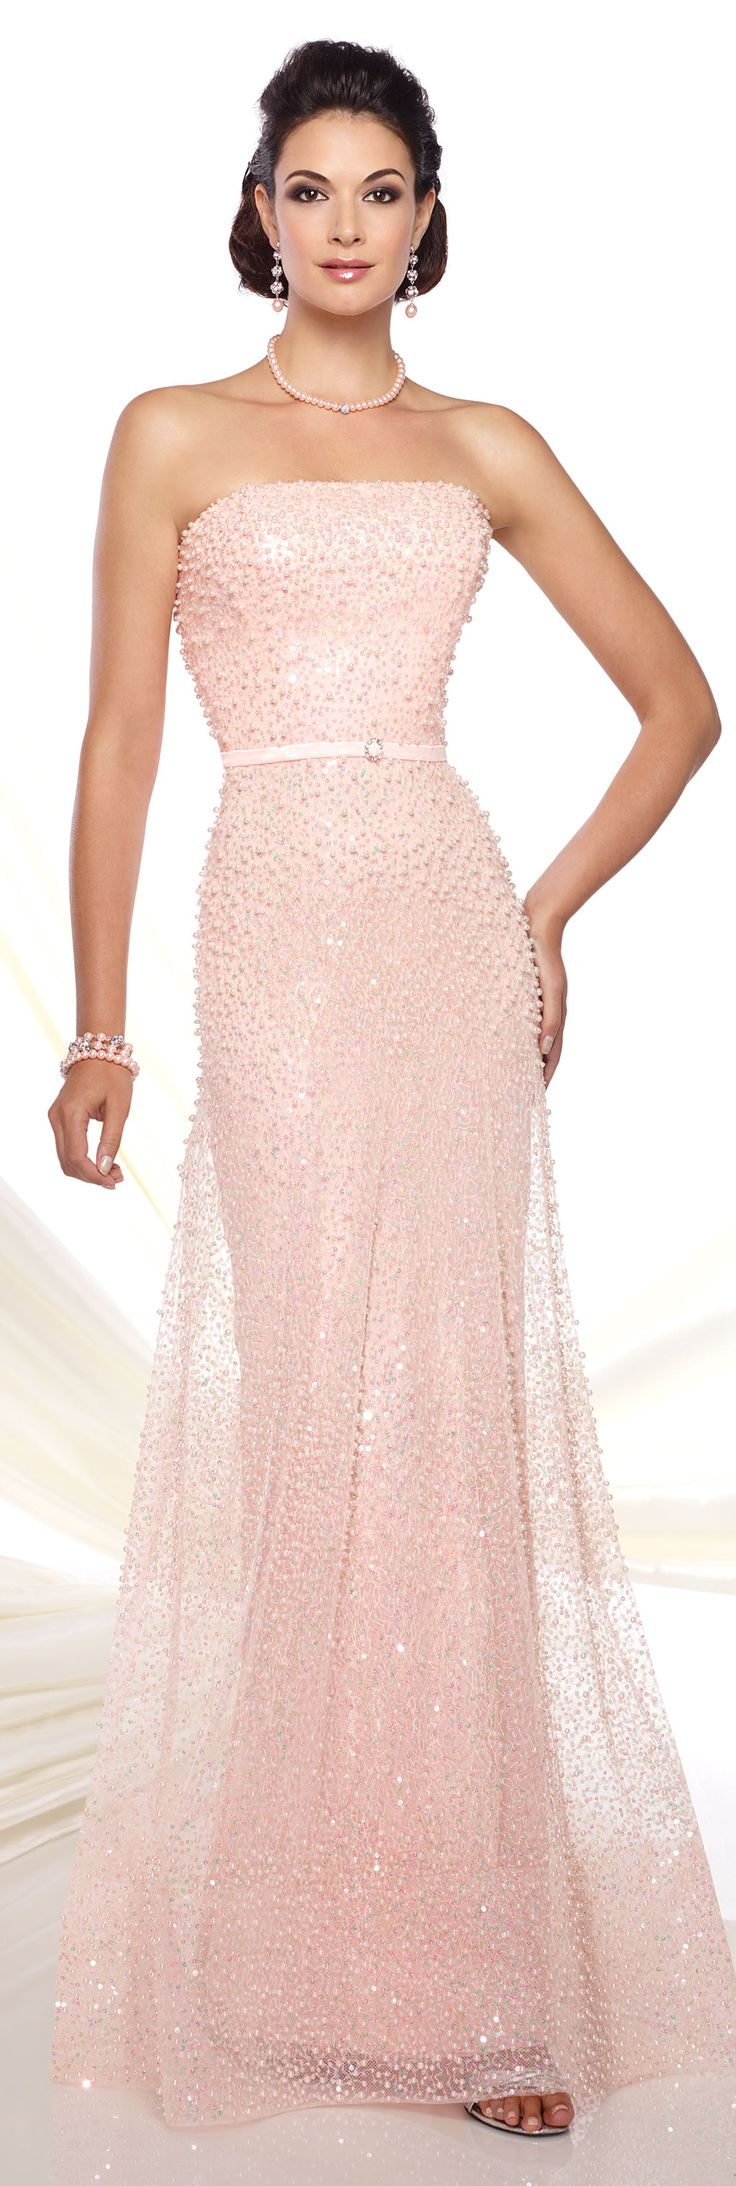 Mejores 14 imágenes de Pink/Peach Evening Gowns en Pinterest ...